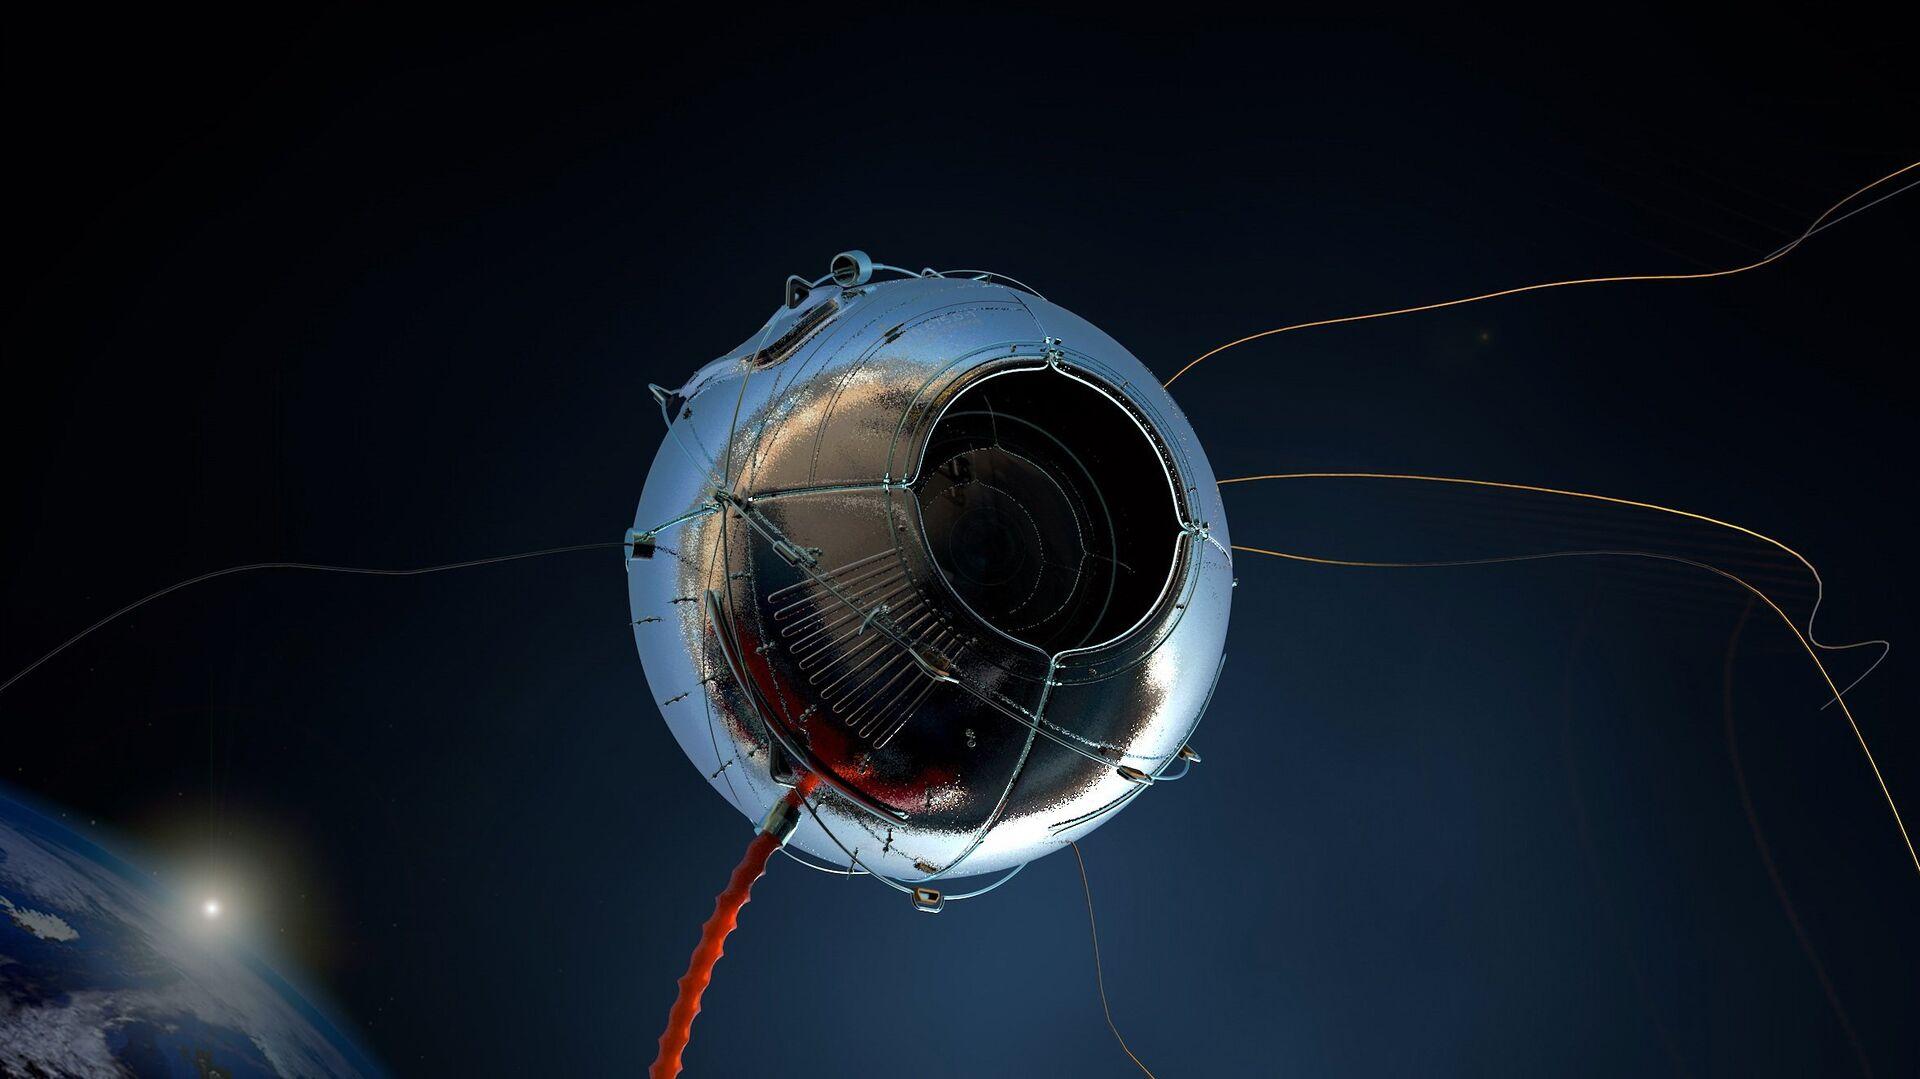 Un satélite (imagen referencial) - Sputnik Mundo, 1920, 06.06.2021